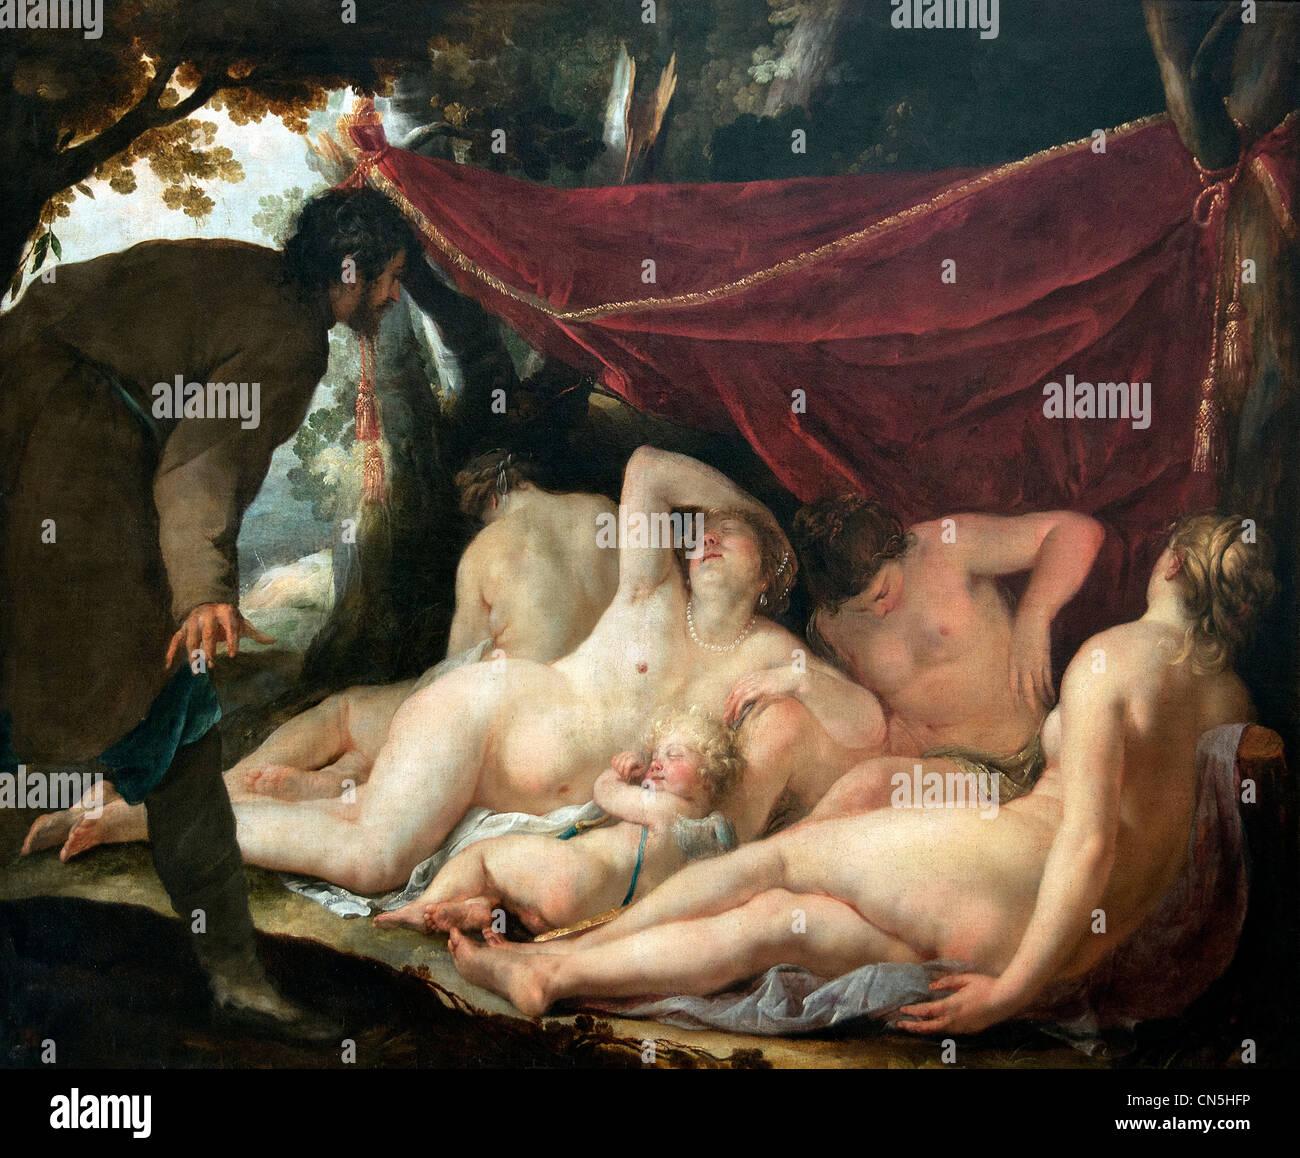 Vénus et les Grâces surprises par un mortel - Venus and the Graces Surprised by a Mortal 1631 Jacques - Stock Image